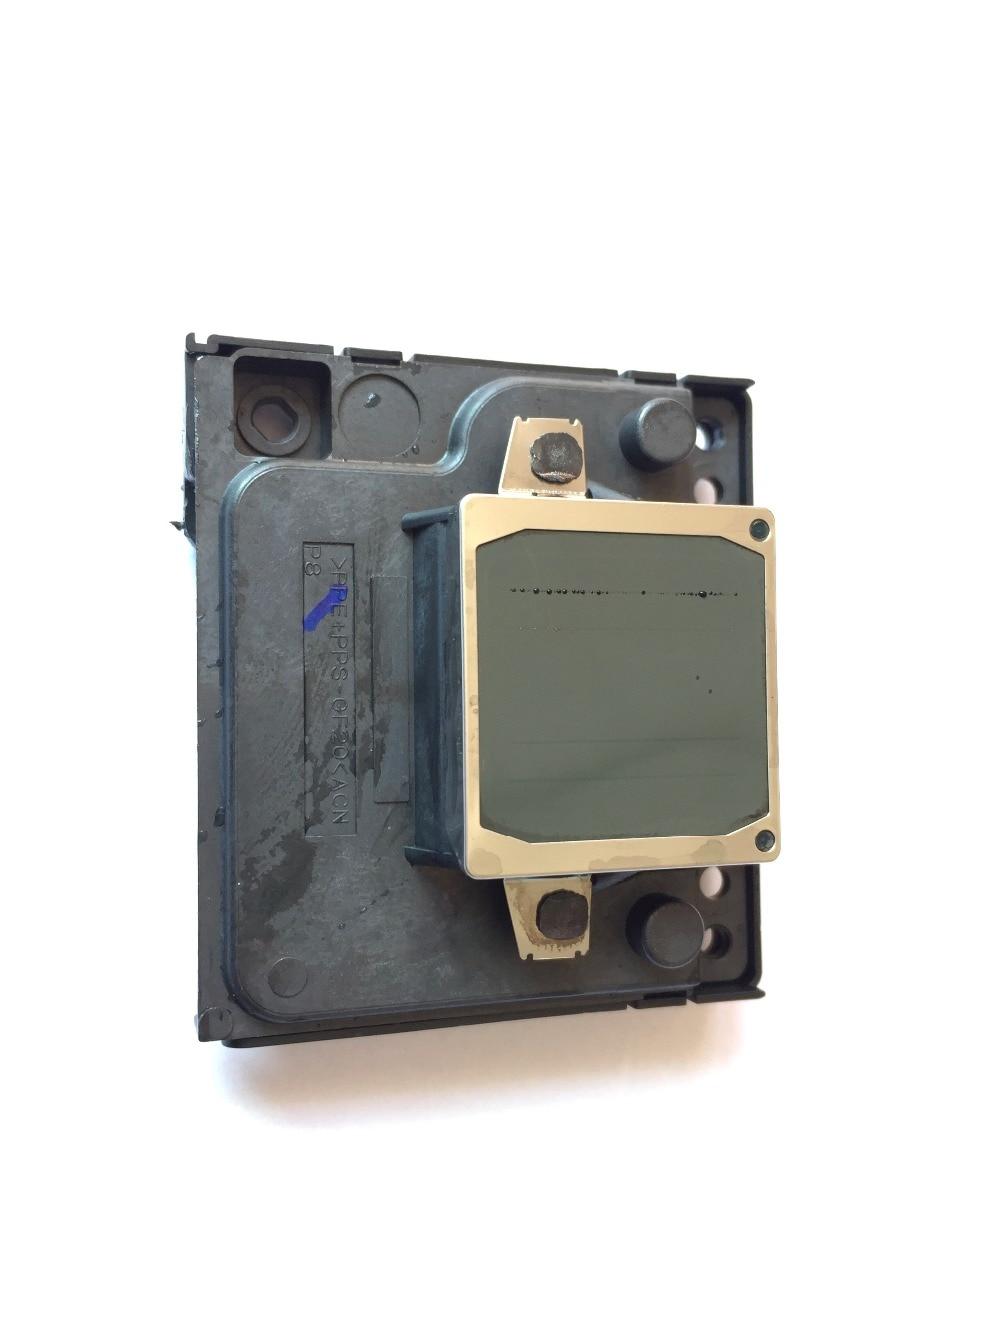 original f155040 f182000 f168020 do cabecote de impressao para epson r250 rx430 rx530 photo20 cx3500